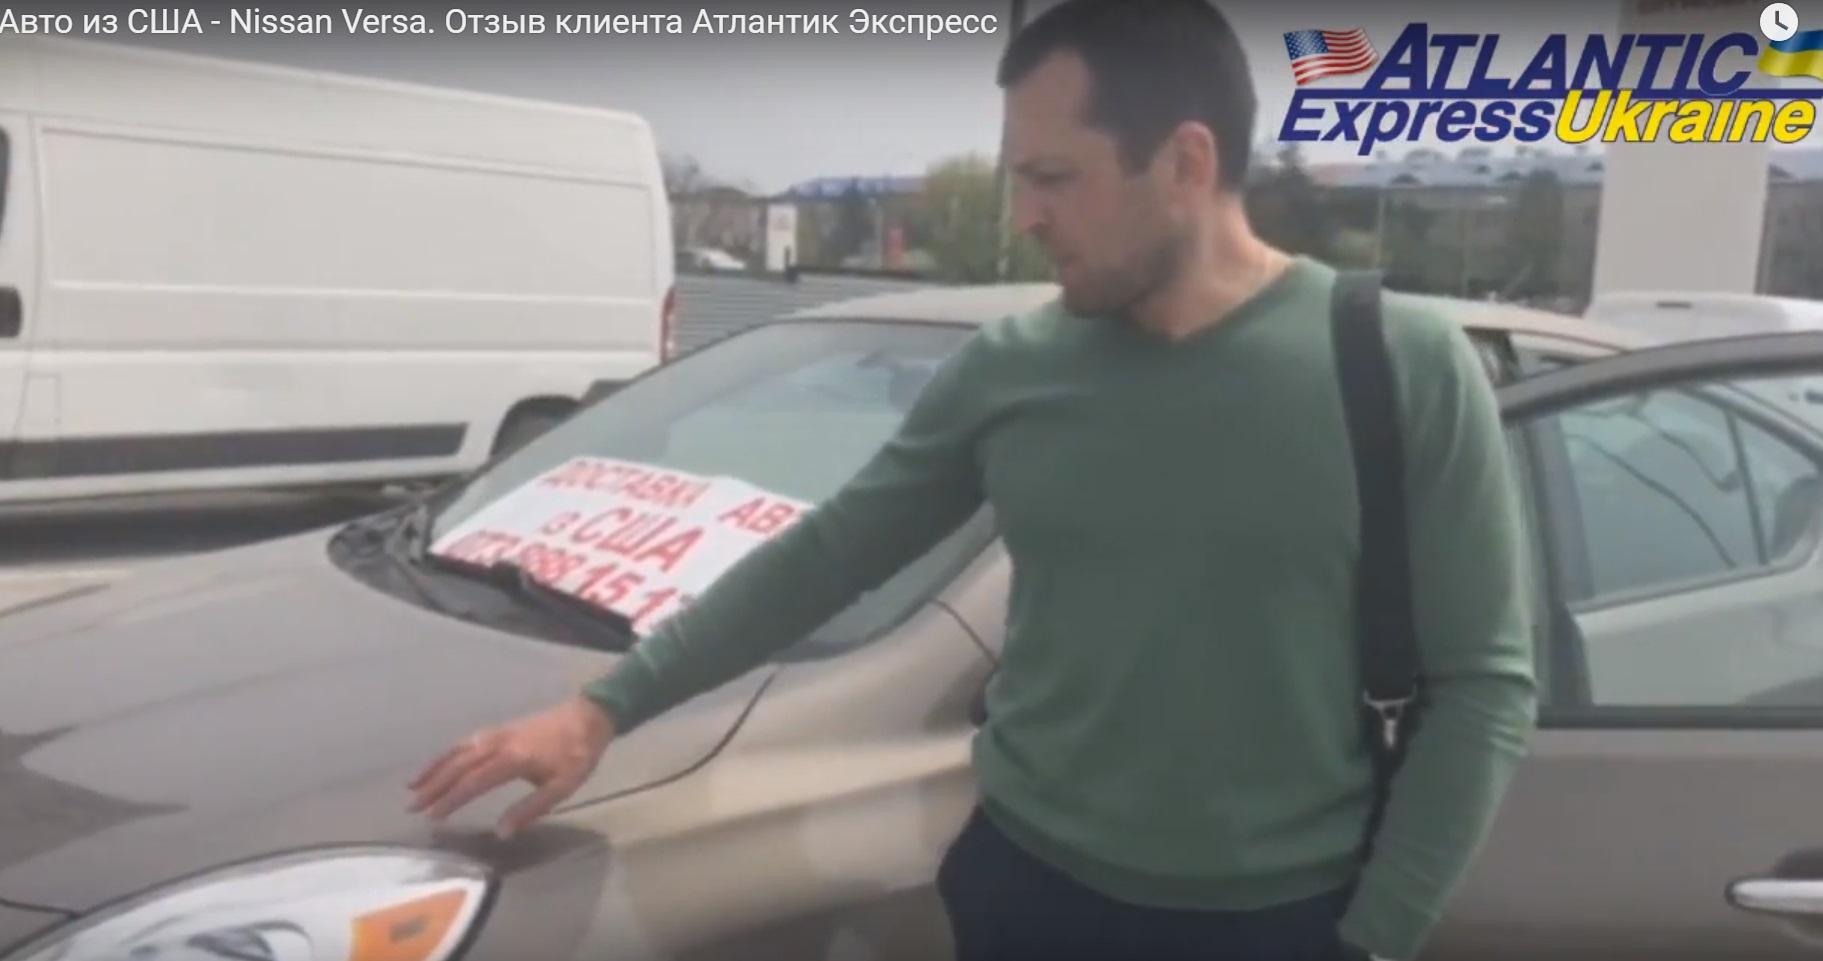 Nissan Versa, из США (Видео)